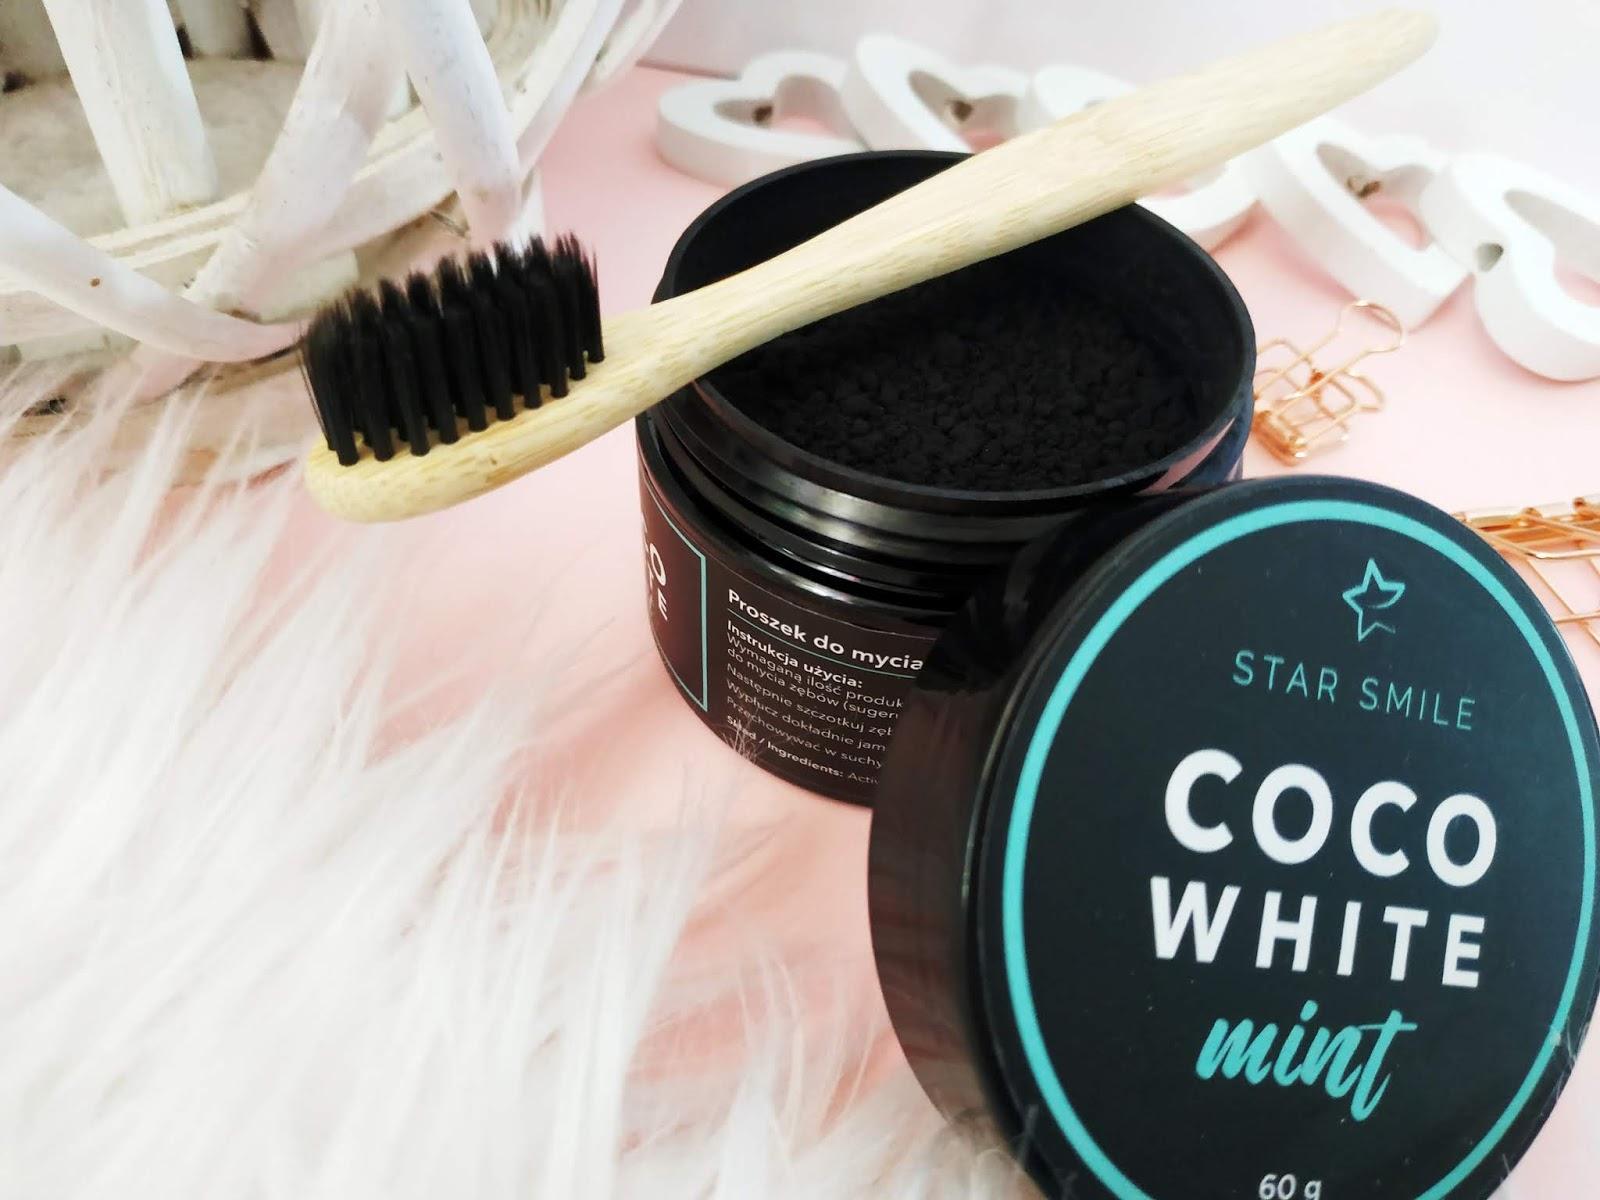 Najlepsza metoda do wybielania zębów, Coco white mint